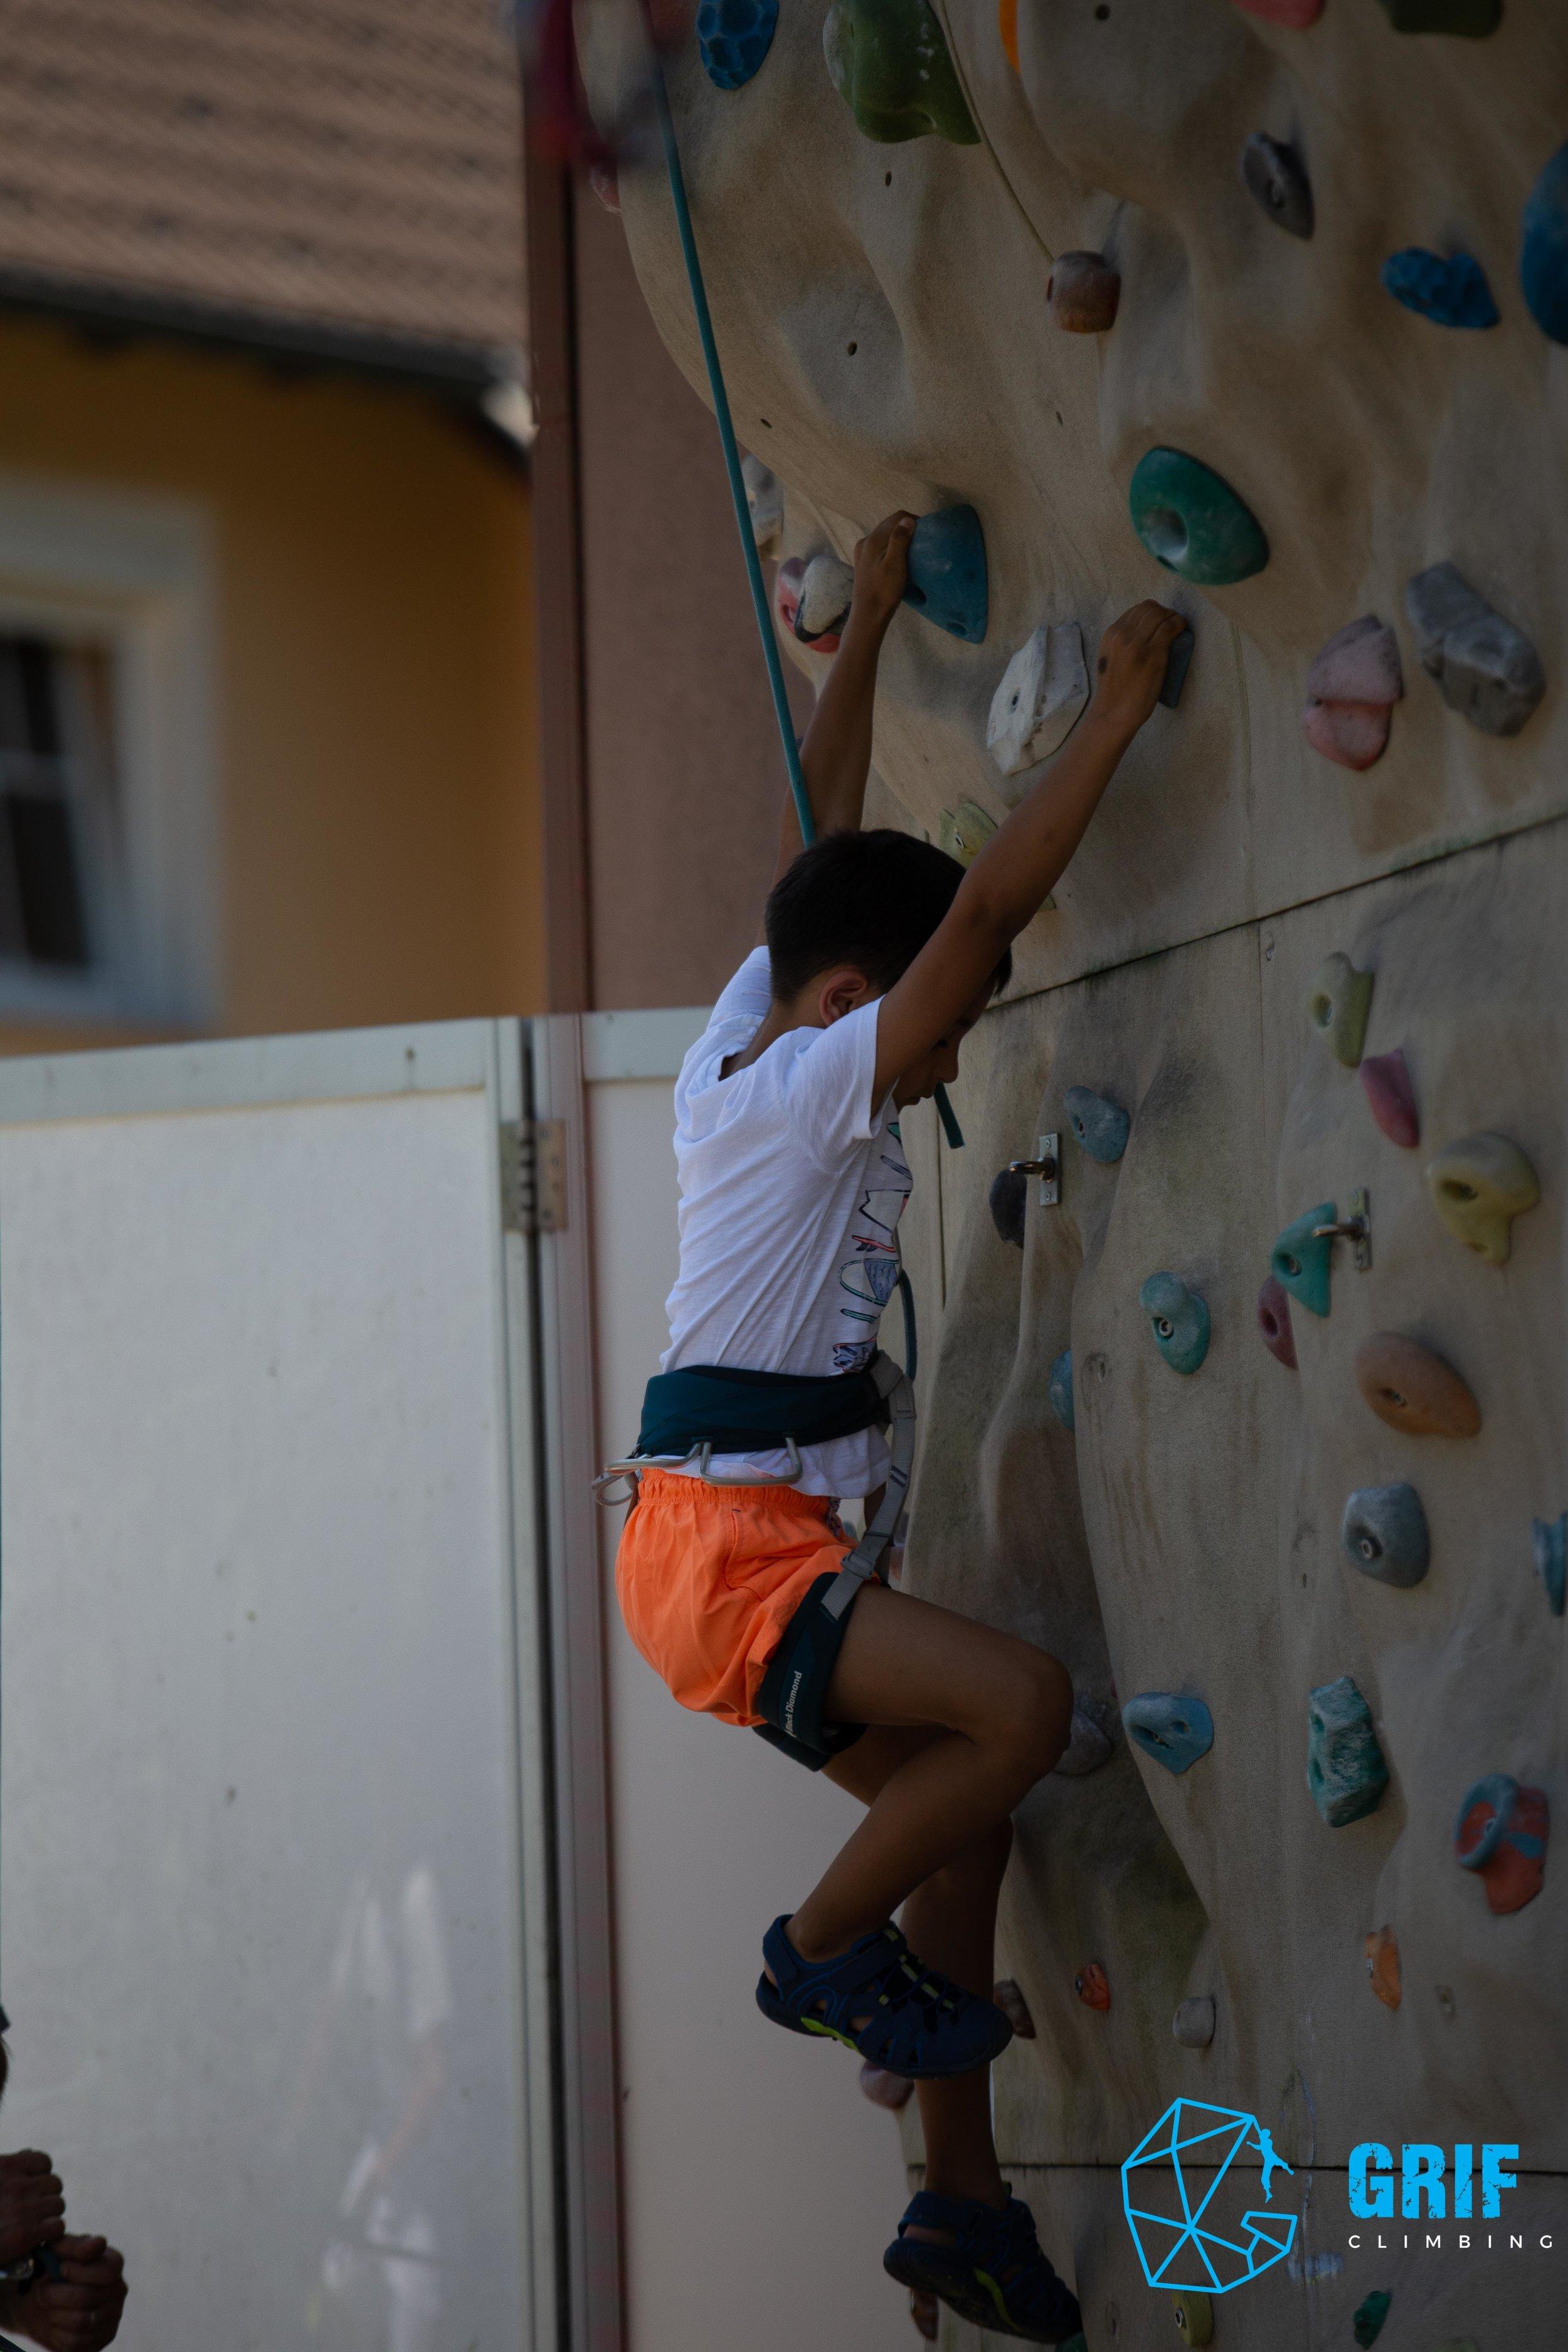 Aktivno počitniško varstvo za otroke Plezalno društvo Grif61.jpg